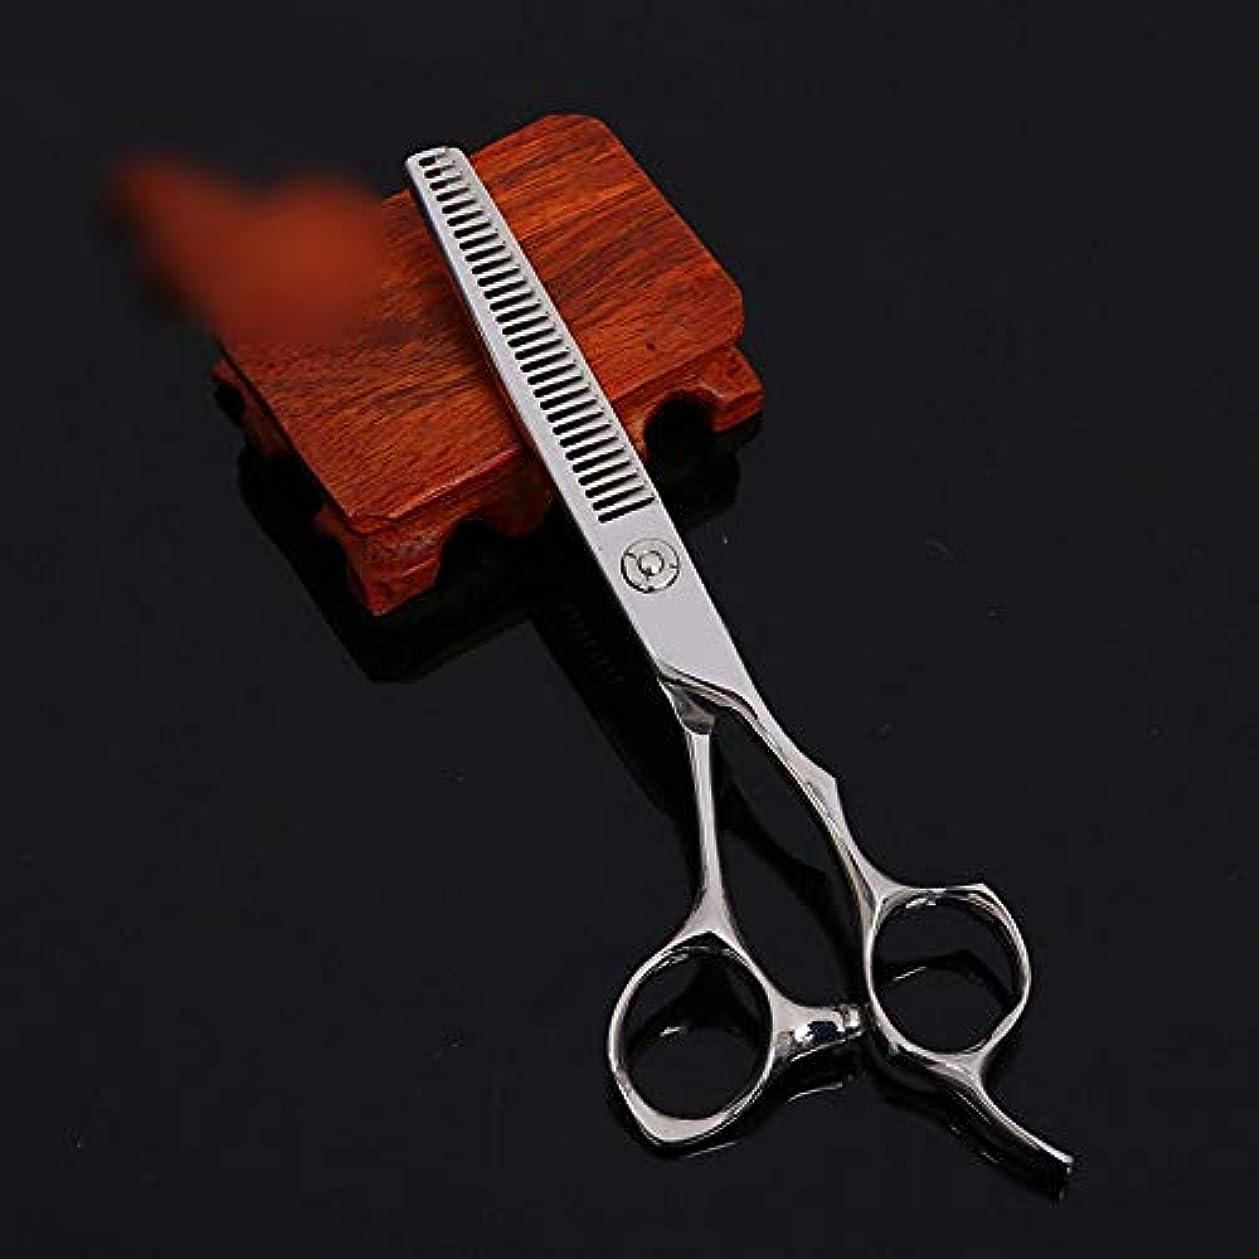 規模変更可能抵当WASAIO 理容サロンテクスチャーレイザーエッジシザー髪のはさみステンレスの設定ツール6インチカービング美容専門の理髪はさみ歯 (色 : Silver)